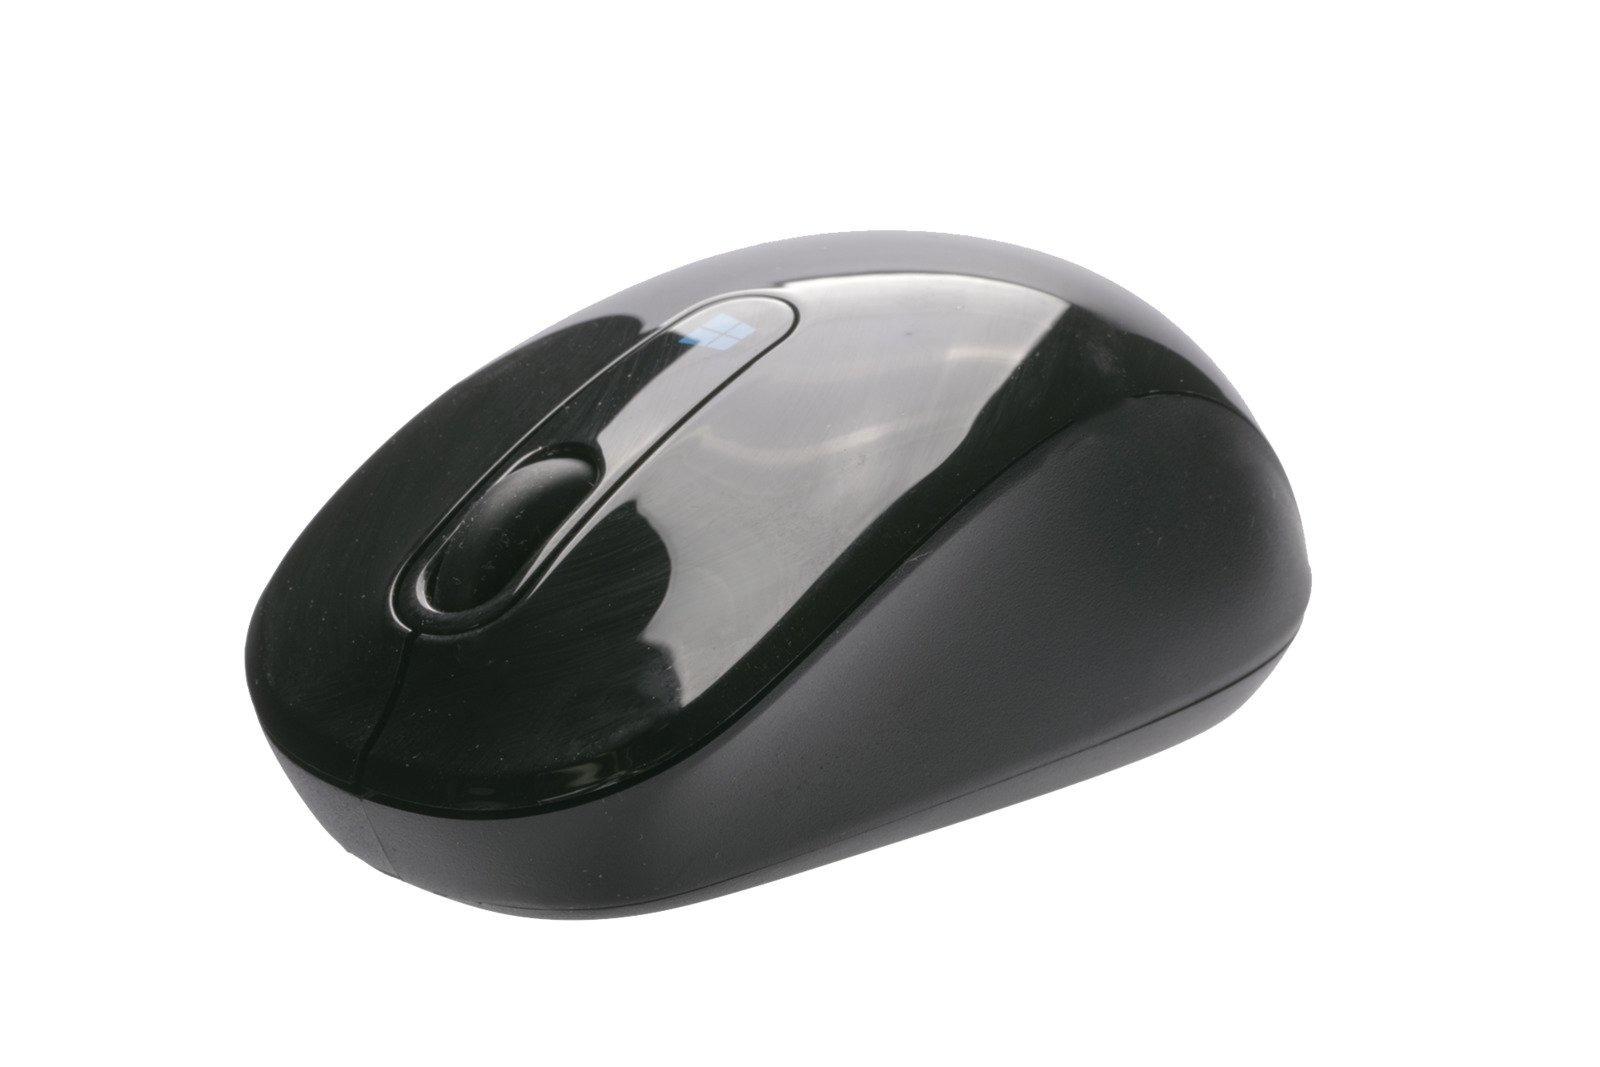 Tastatur- und Maussatz Microsoft Sculpt Comfort Desktop (Nordisch) L3V-00009